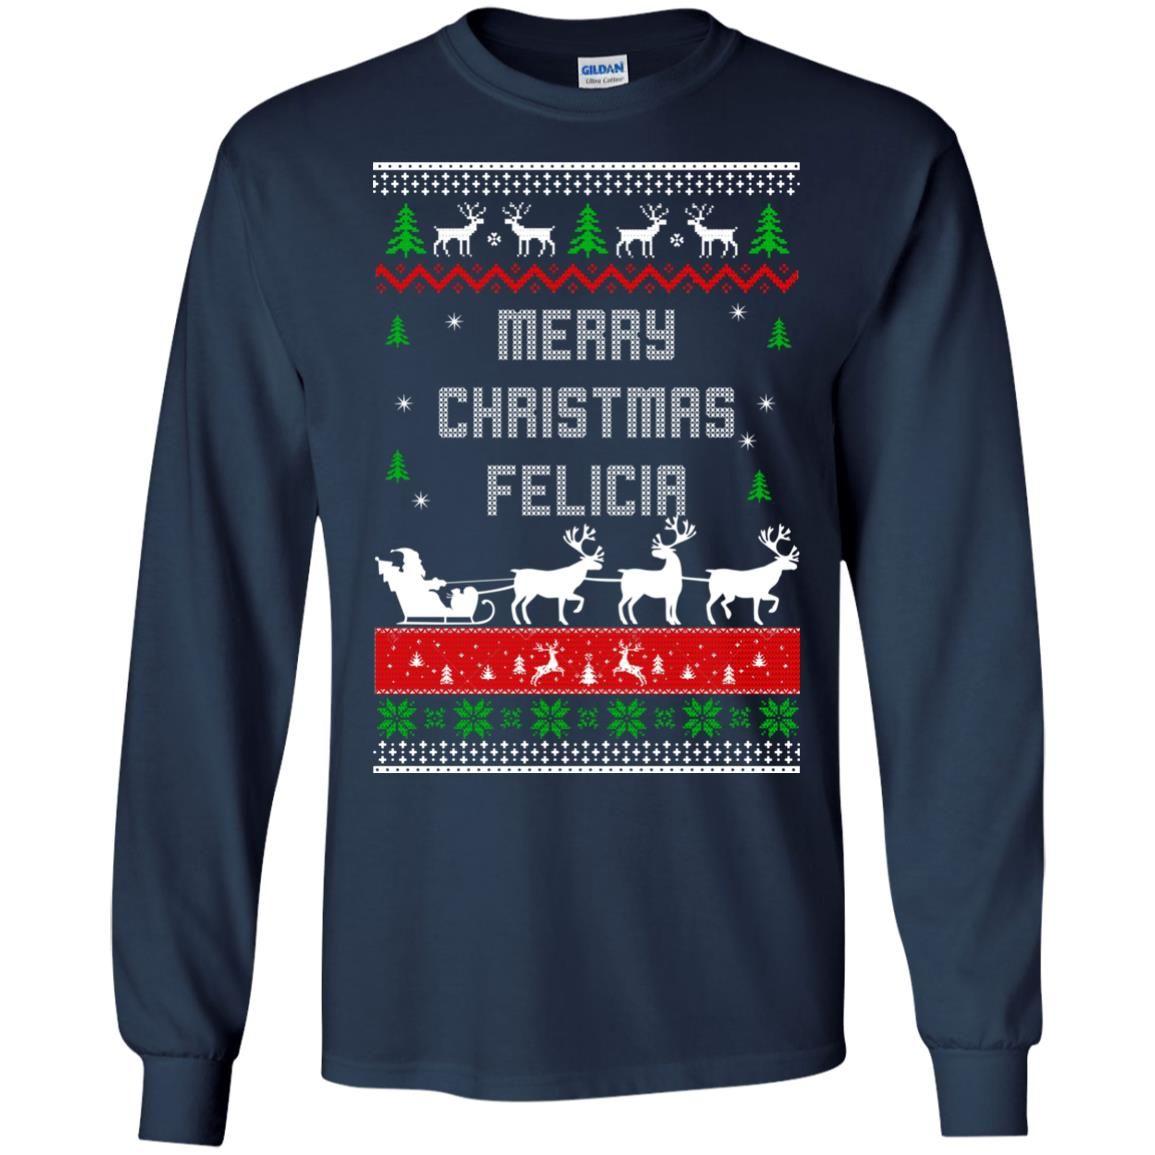 image 1672 - Raxo Merry Christmas Felicia ugly sweater, hoodie